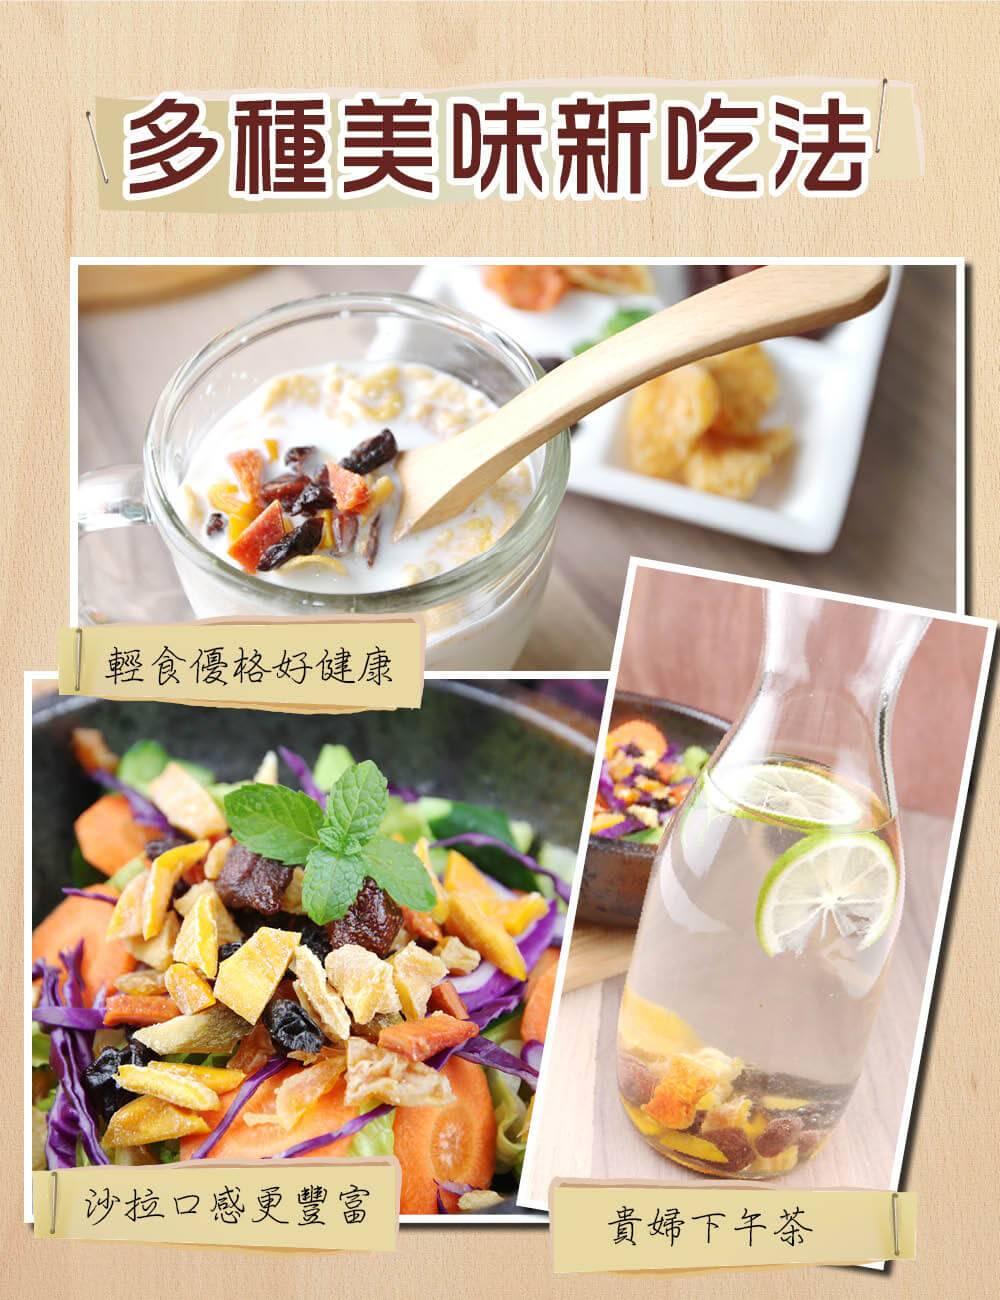 果然美味 葡萄籽果乾-多種美味新吃法